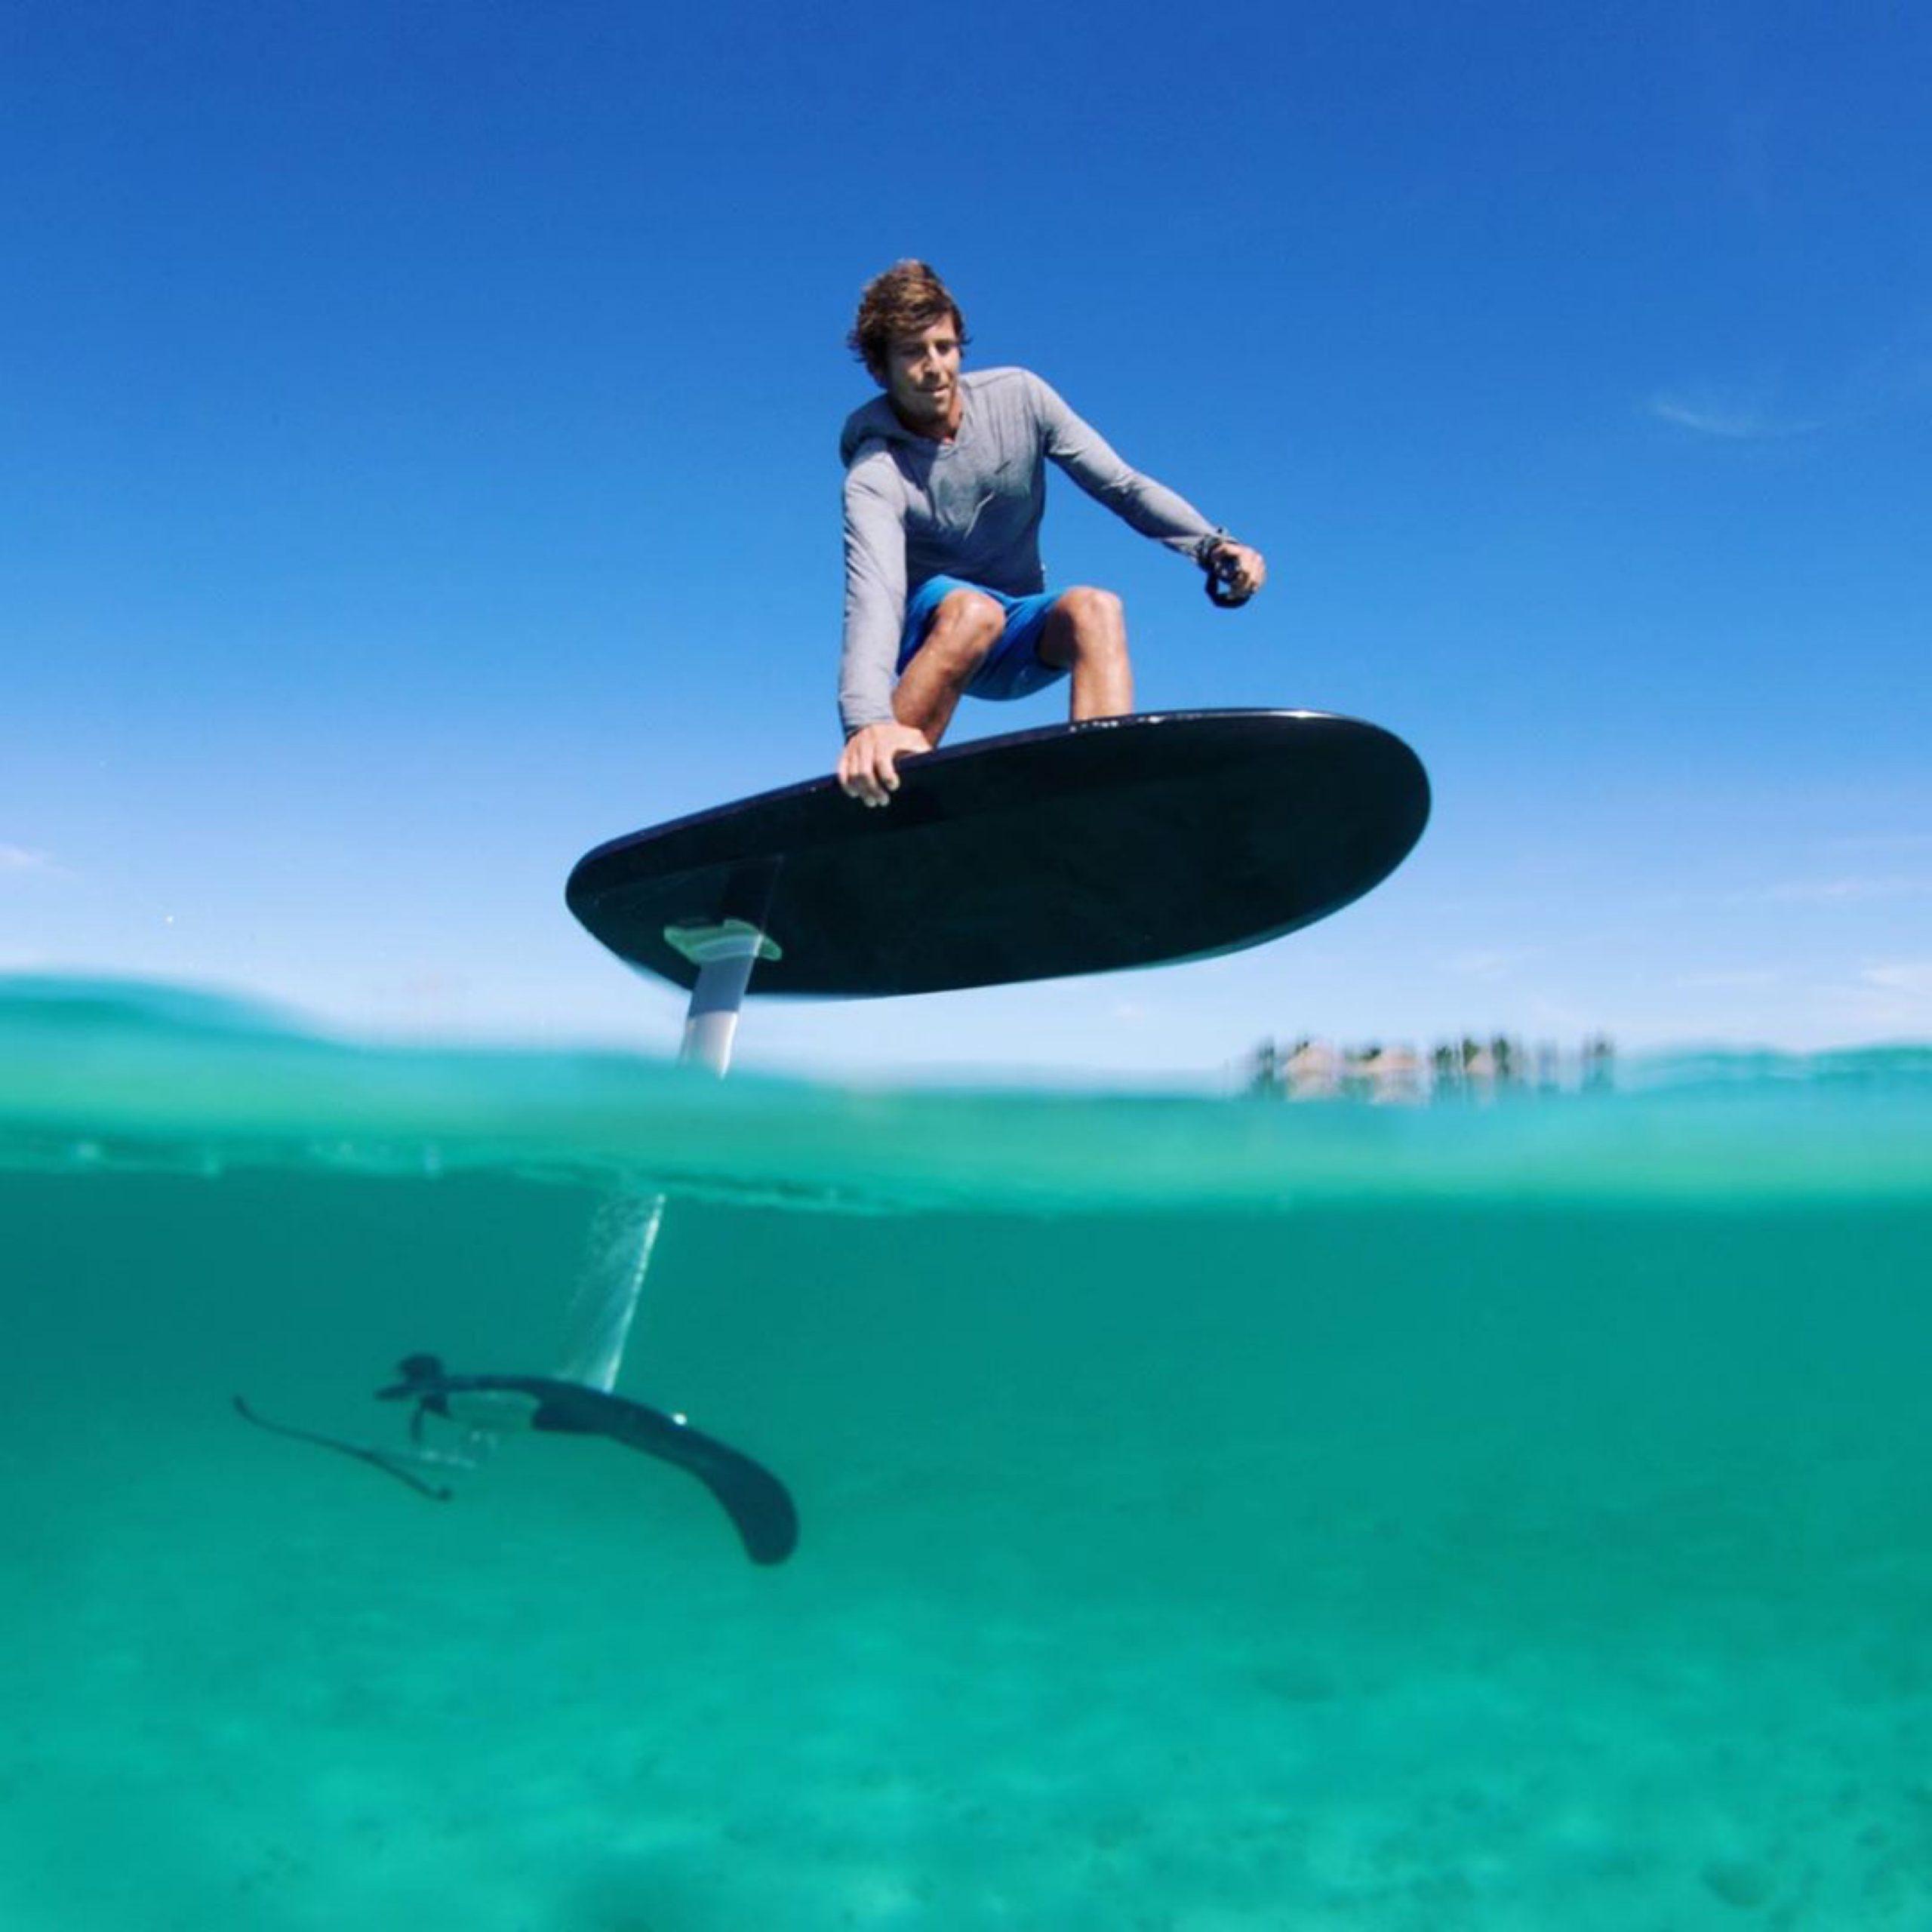 un surfer sur un efoil Fliteboard pro en action